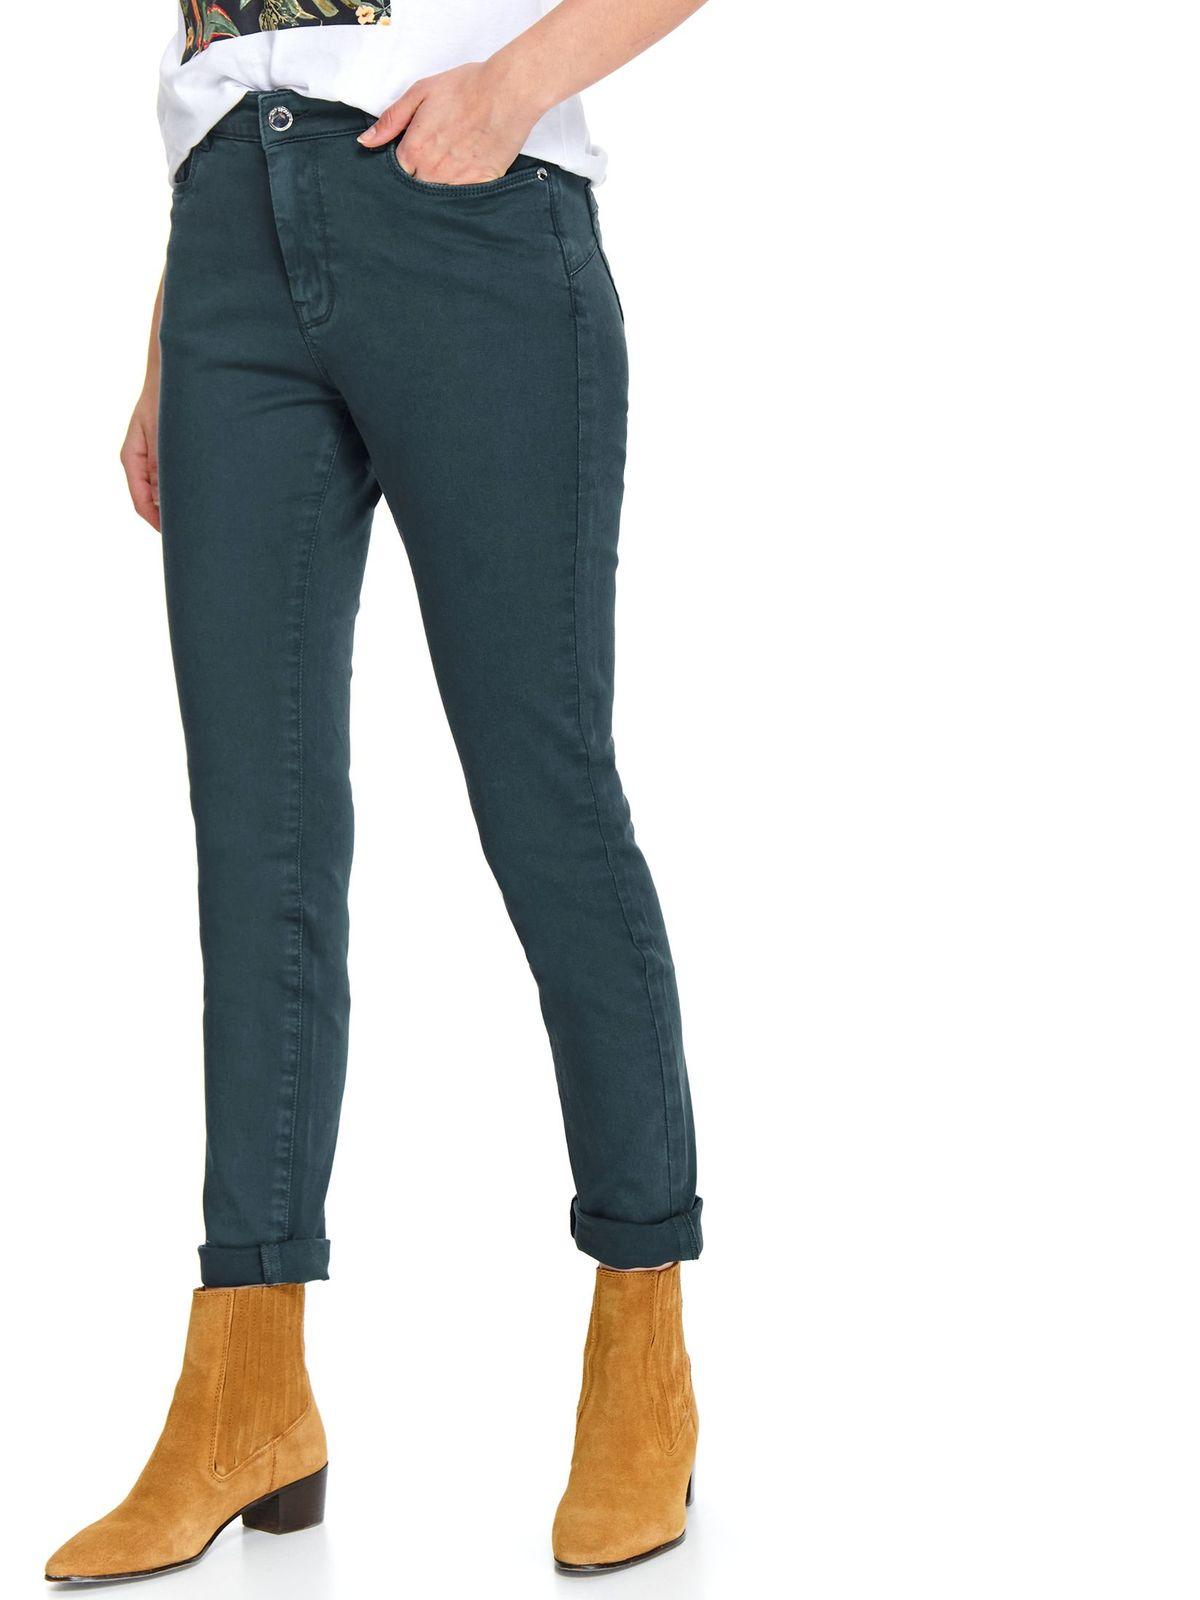 Pantaloni Top Secret turcoaz casual lunga cu talie medie din bumbac usor elastic cu un croi mulat